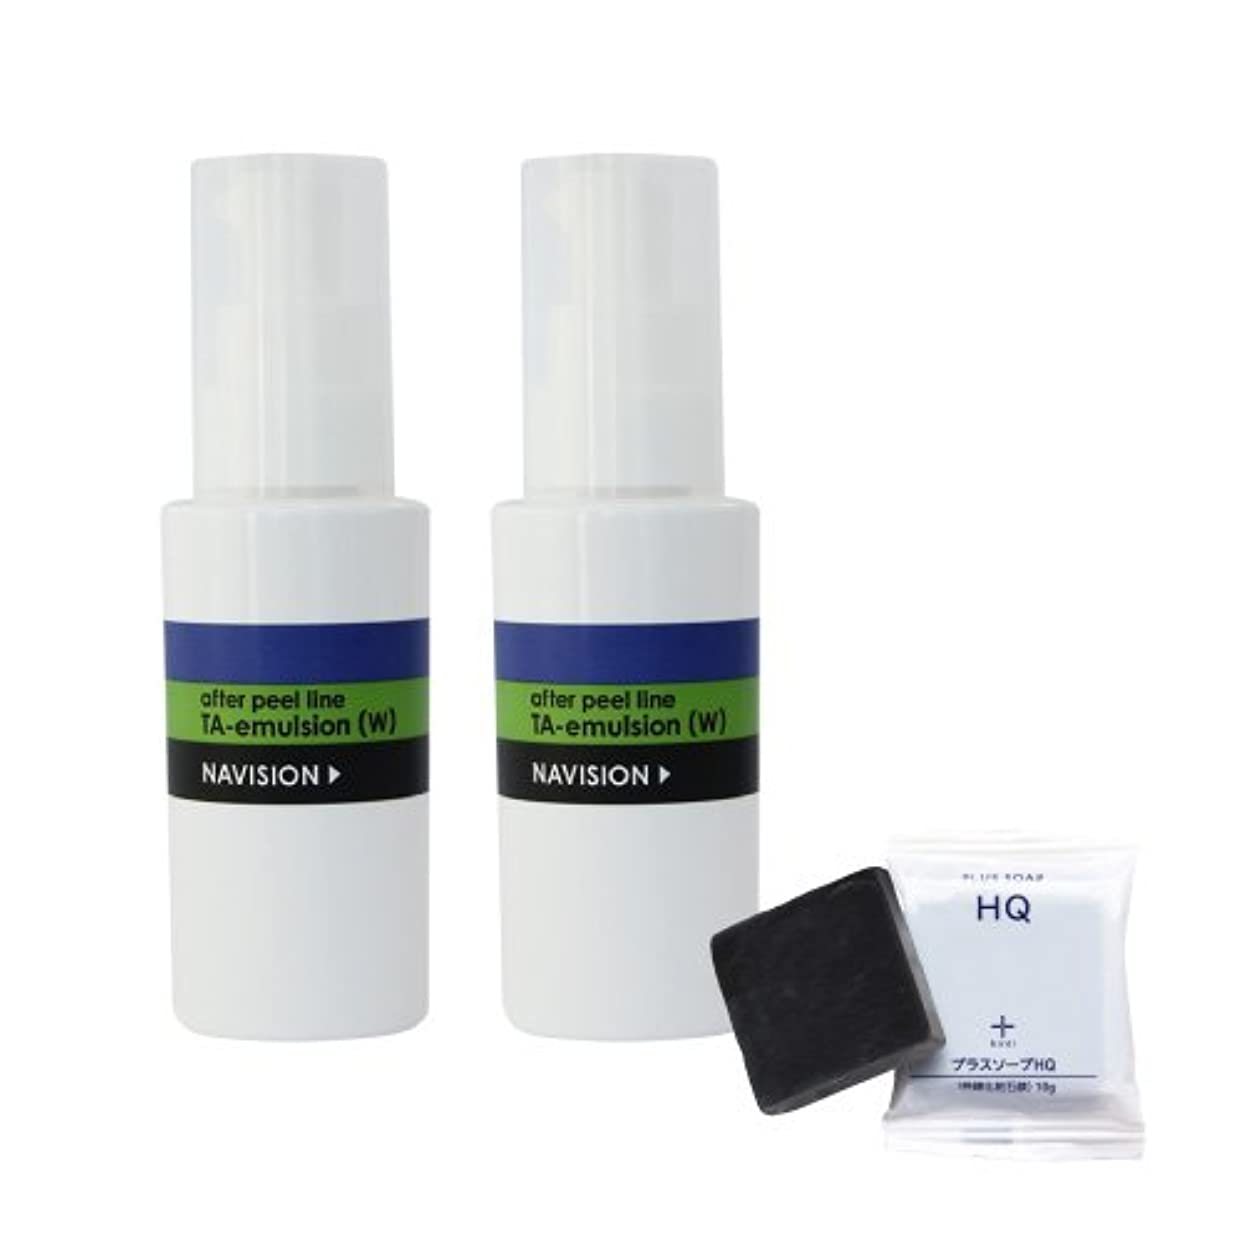 神全国テレビ局ナビジョン NAVISION TAエマルジョン(W)(医薬部外品) 2本 + プラスソープHQミニ